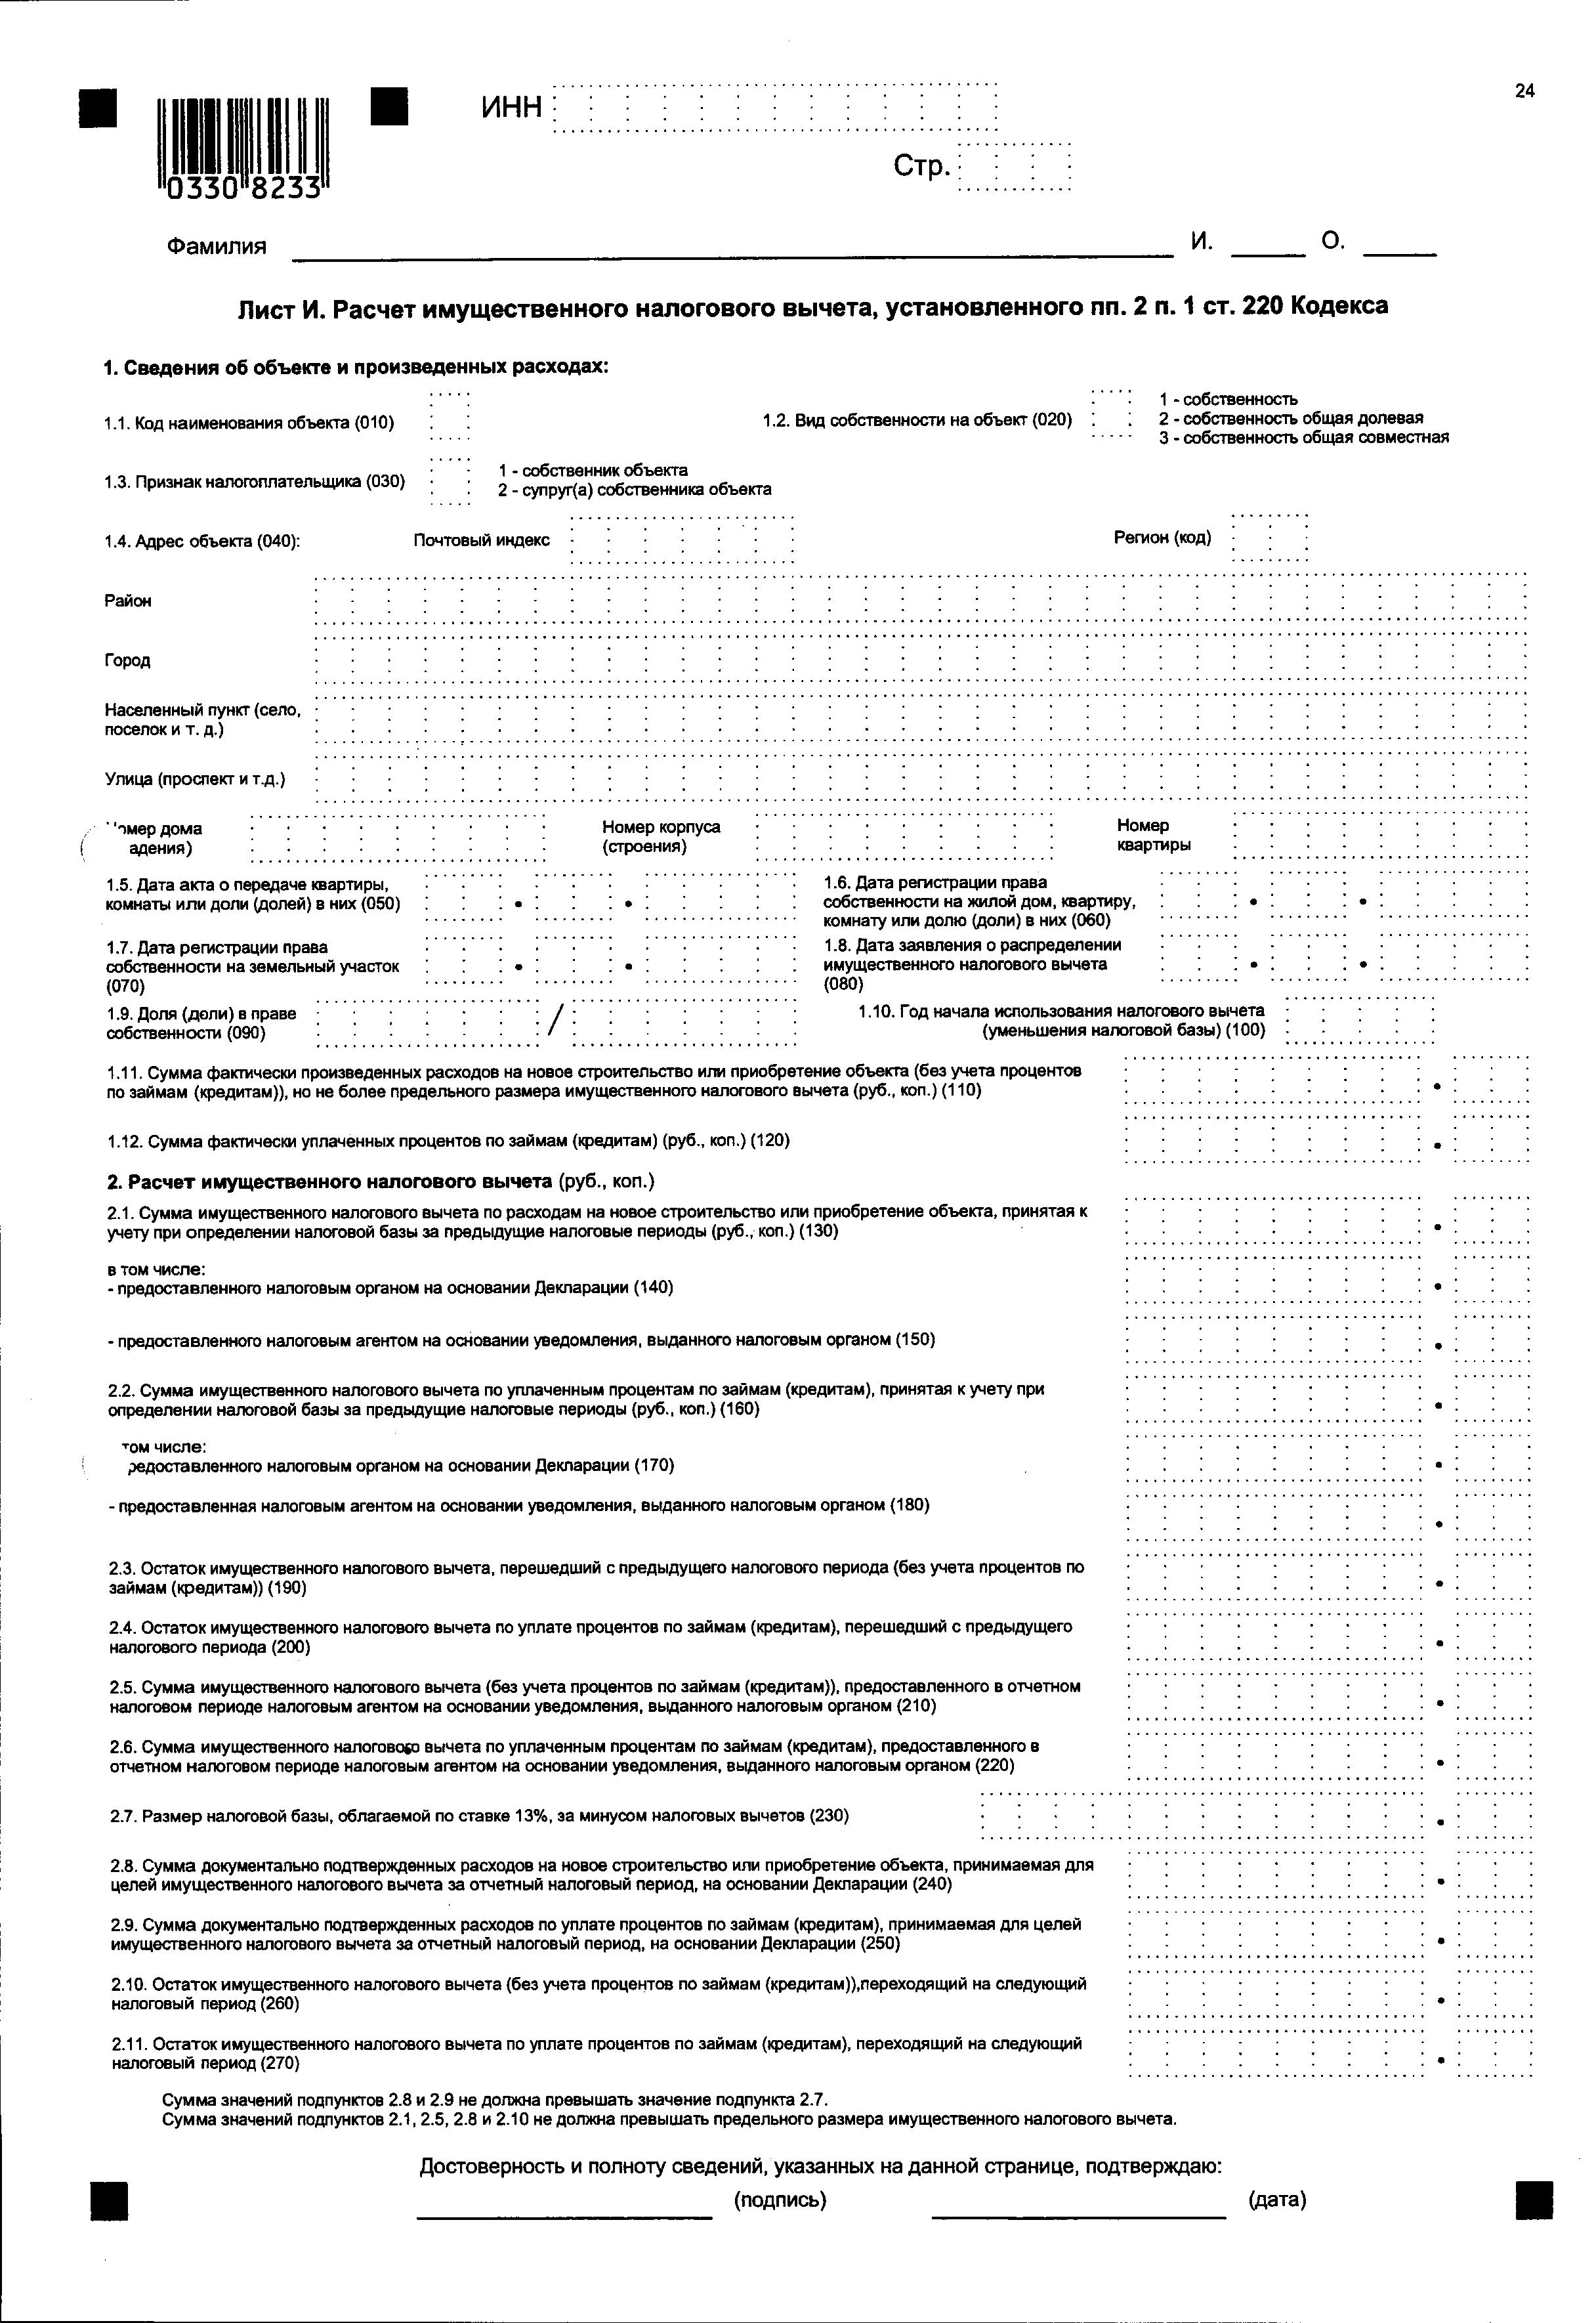 бухгалтерская (финансовая) отчетность 2012 бланк